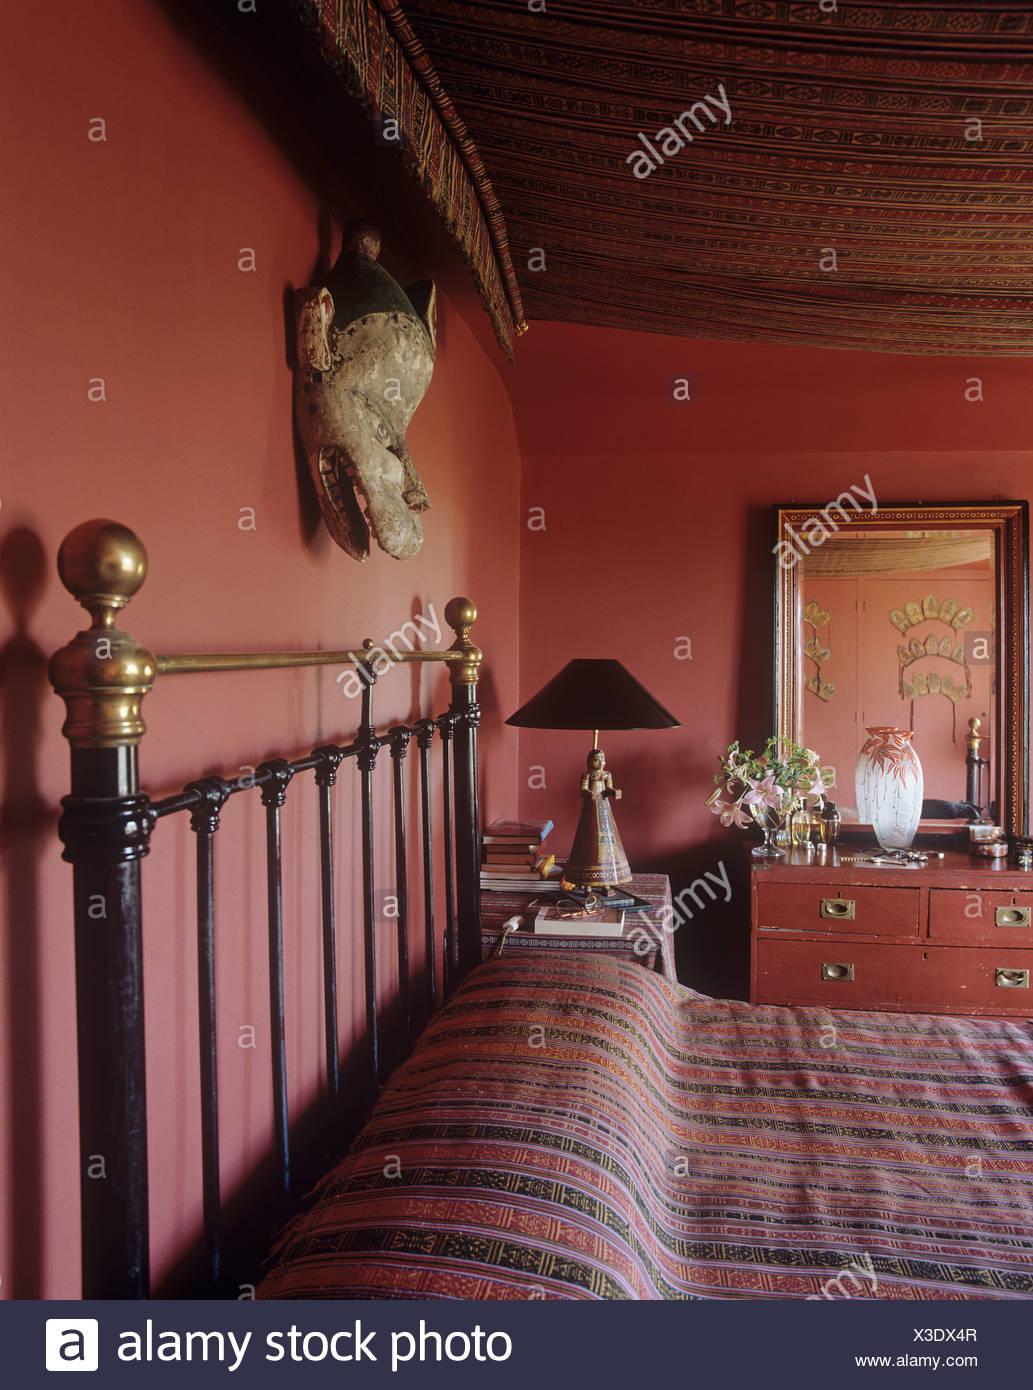 https www alamyimages fr masque sur le mur au dessus de lit en cuivre avec couvercle a rayures et tissu canopy en chambre rouge fonce image277515751 html